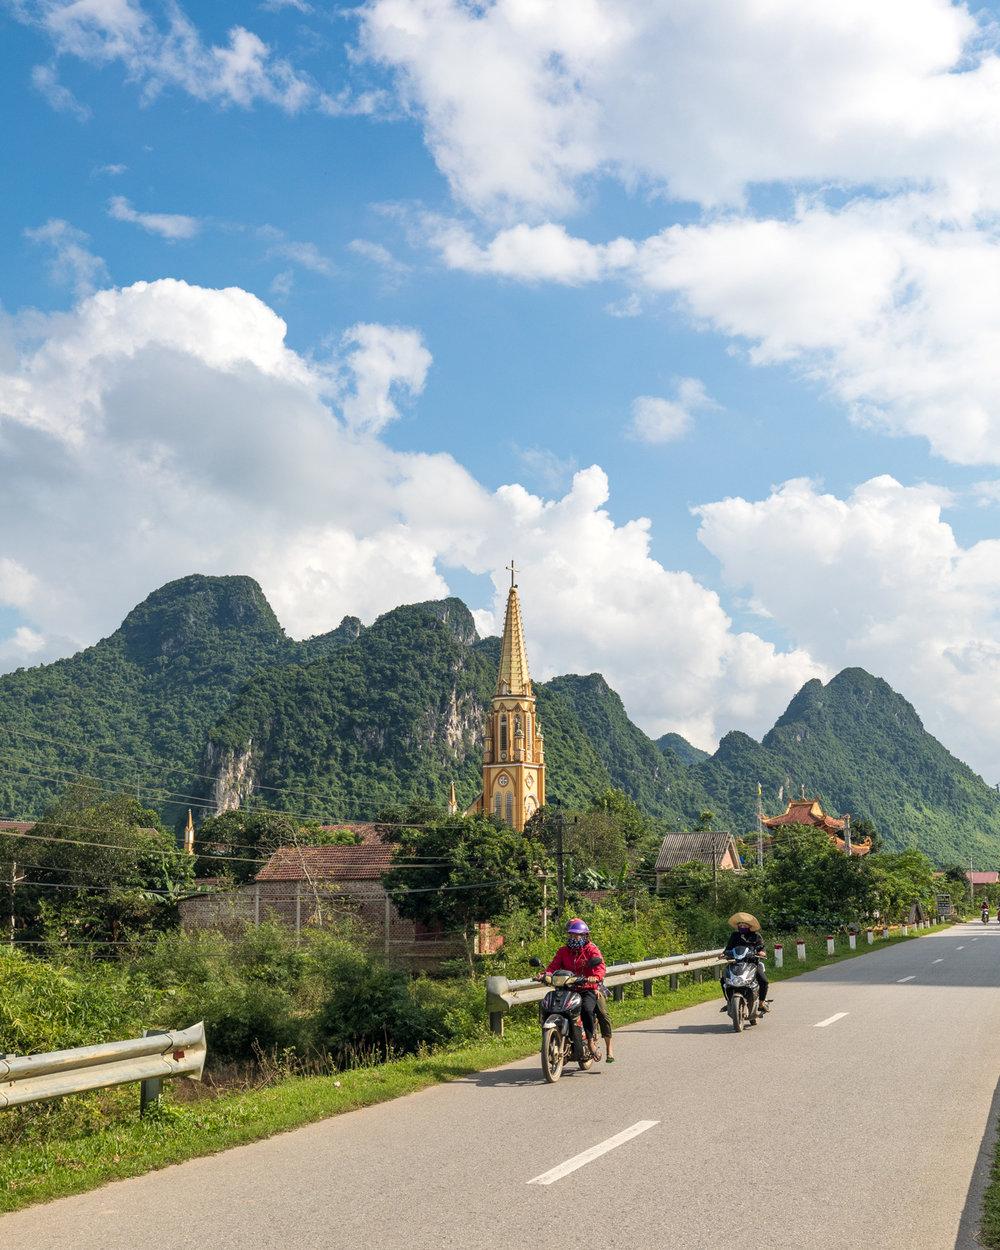 Things to do in Phong Nha - Motorbiking